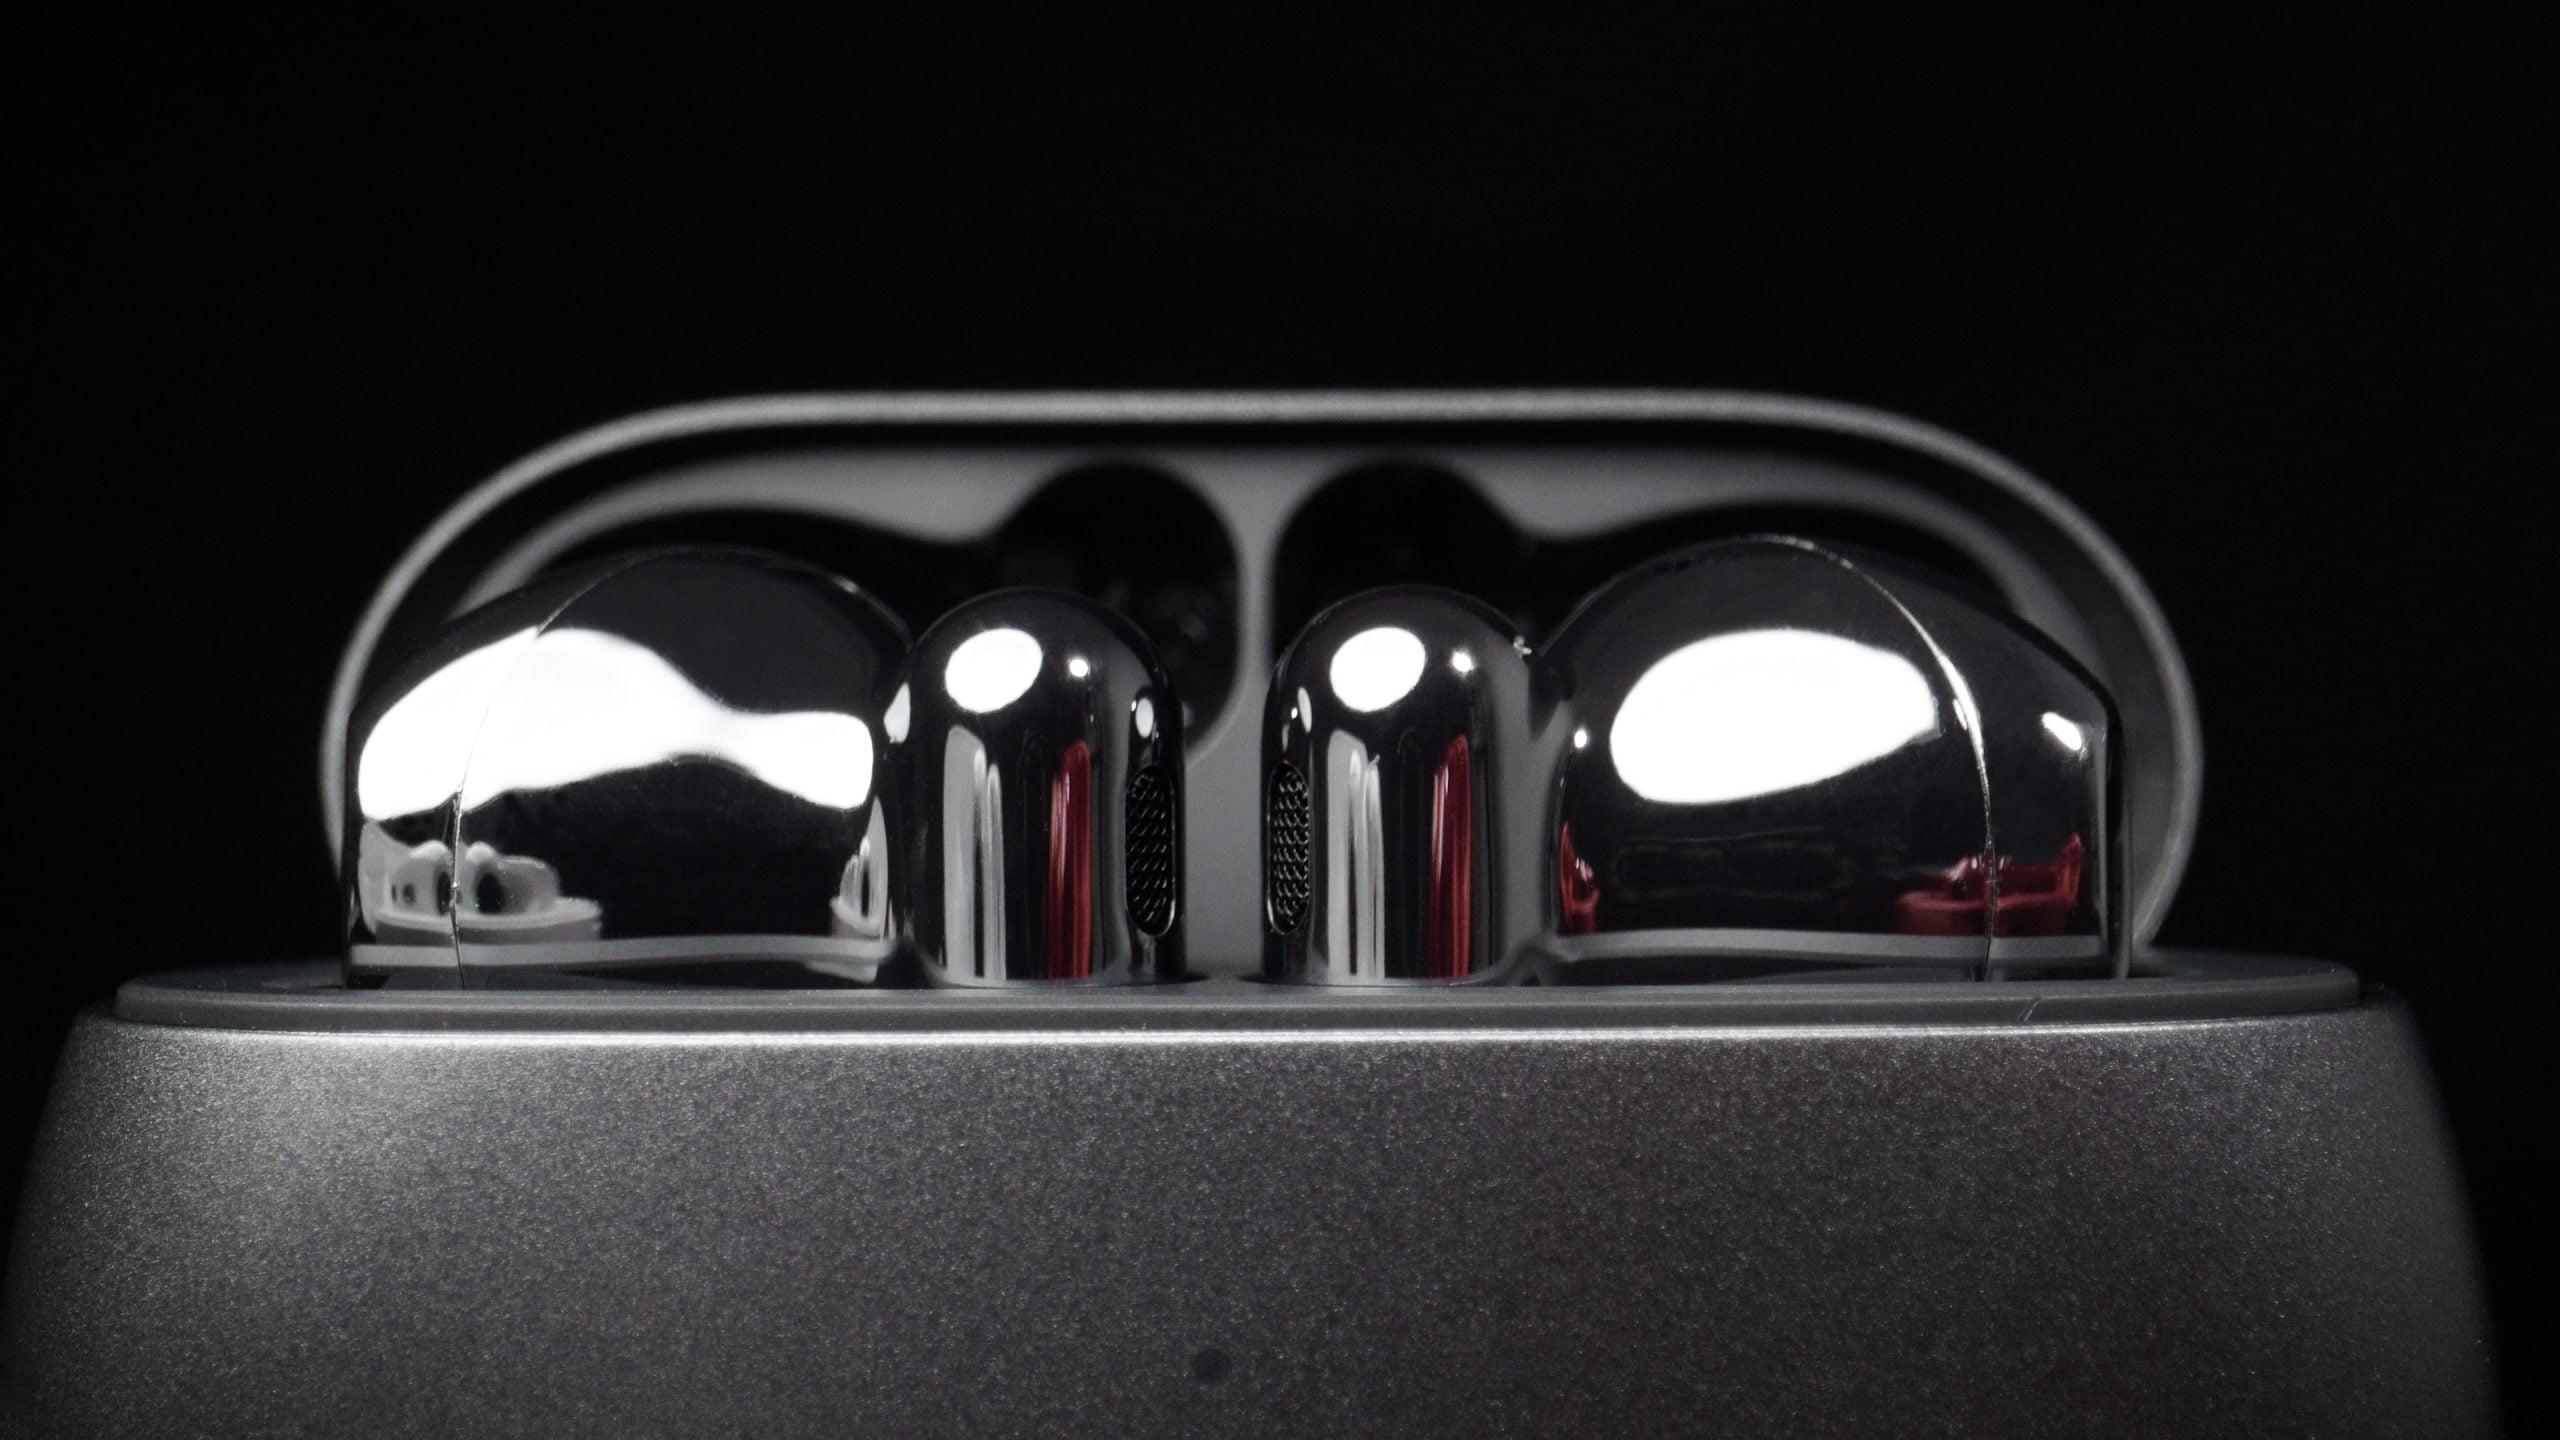 Huawei Freebuds modelleri için kampanya başlattı